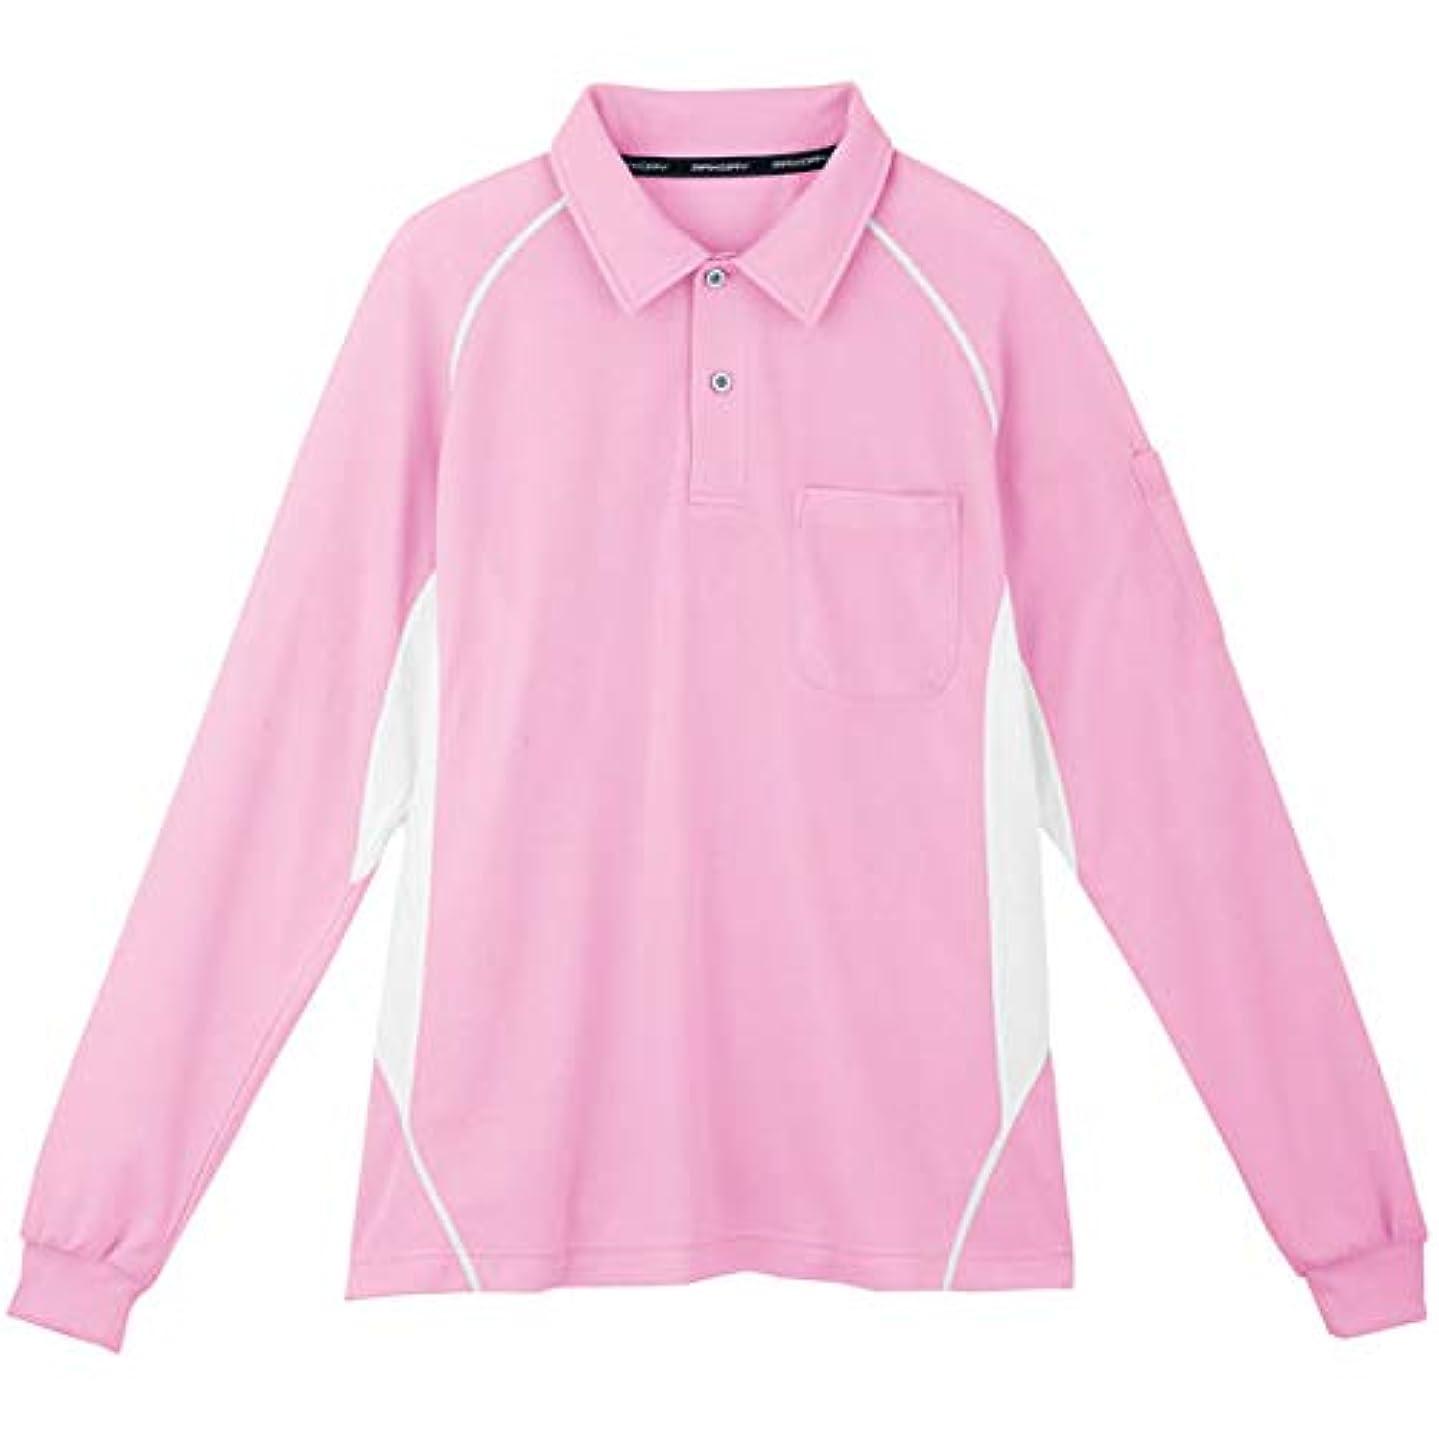 広く卒業悪化するコーコス 長袖ポロシャツ ピンク SS ※取寄品 MX-708